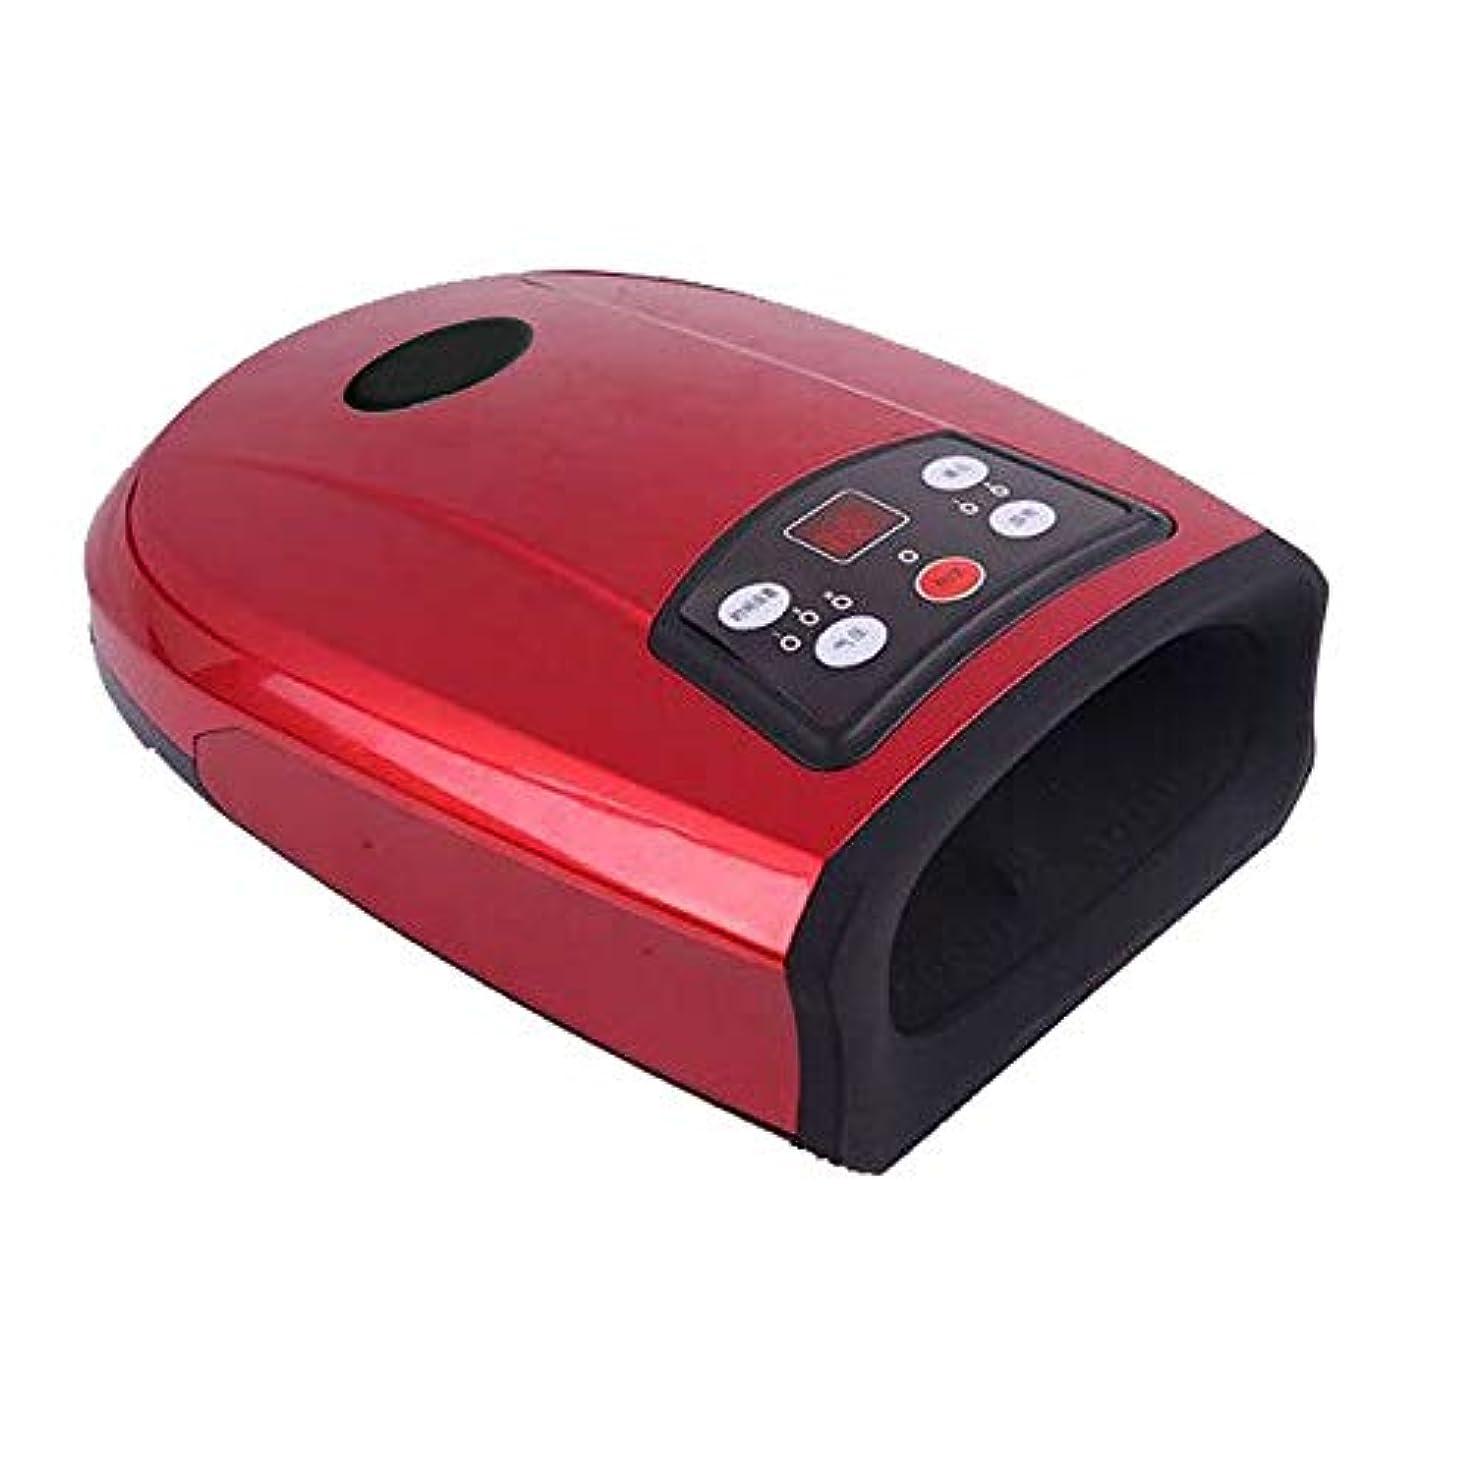 浪費農民性差別指のための空気圧熱圧縮装置が付いている指圧のやし手のマッサージ緊張のしびれの救助および血の循環の加速,Red